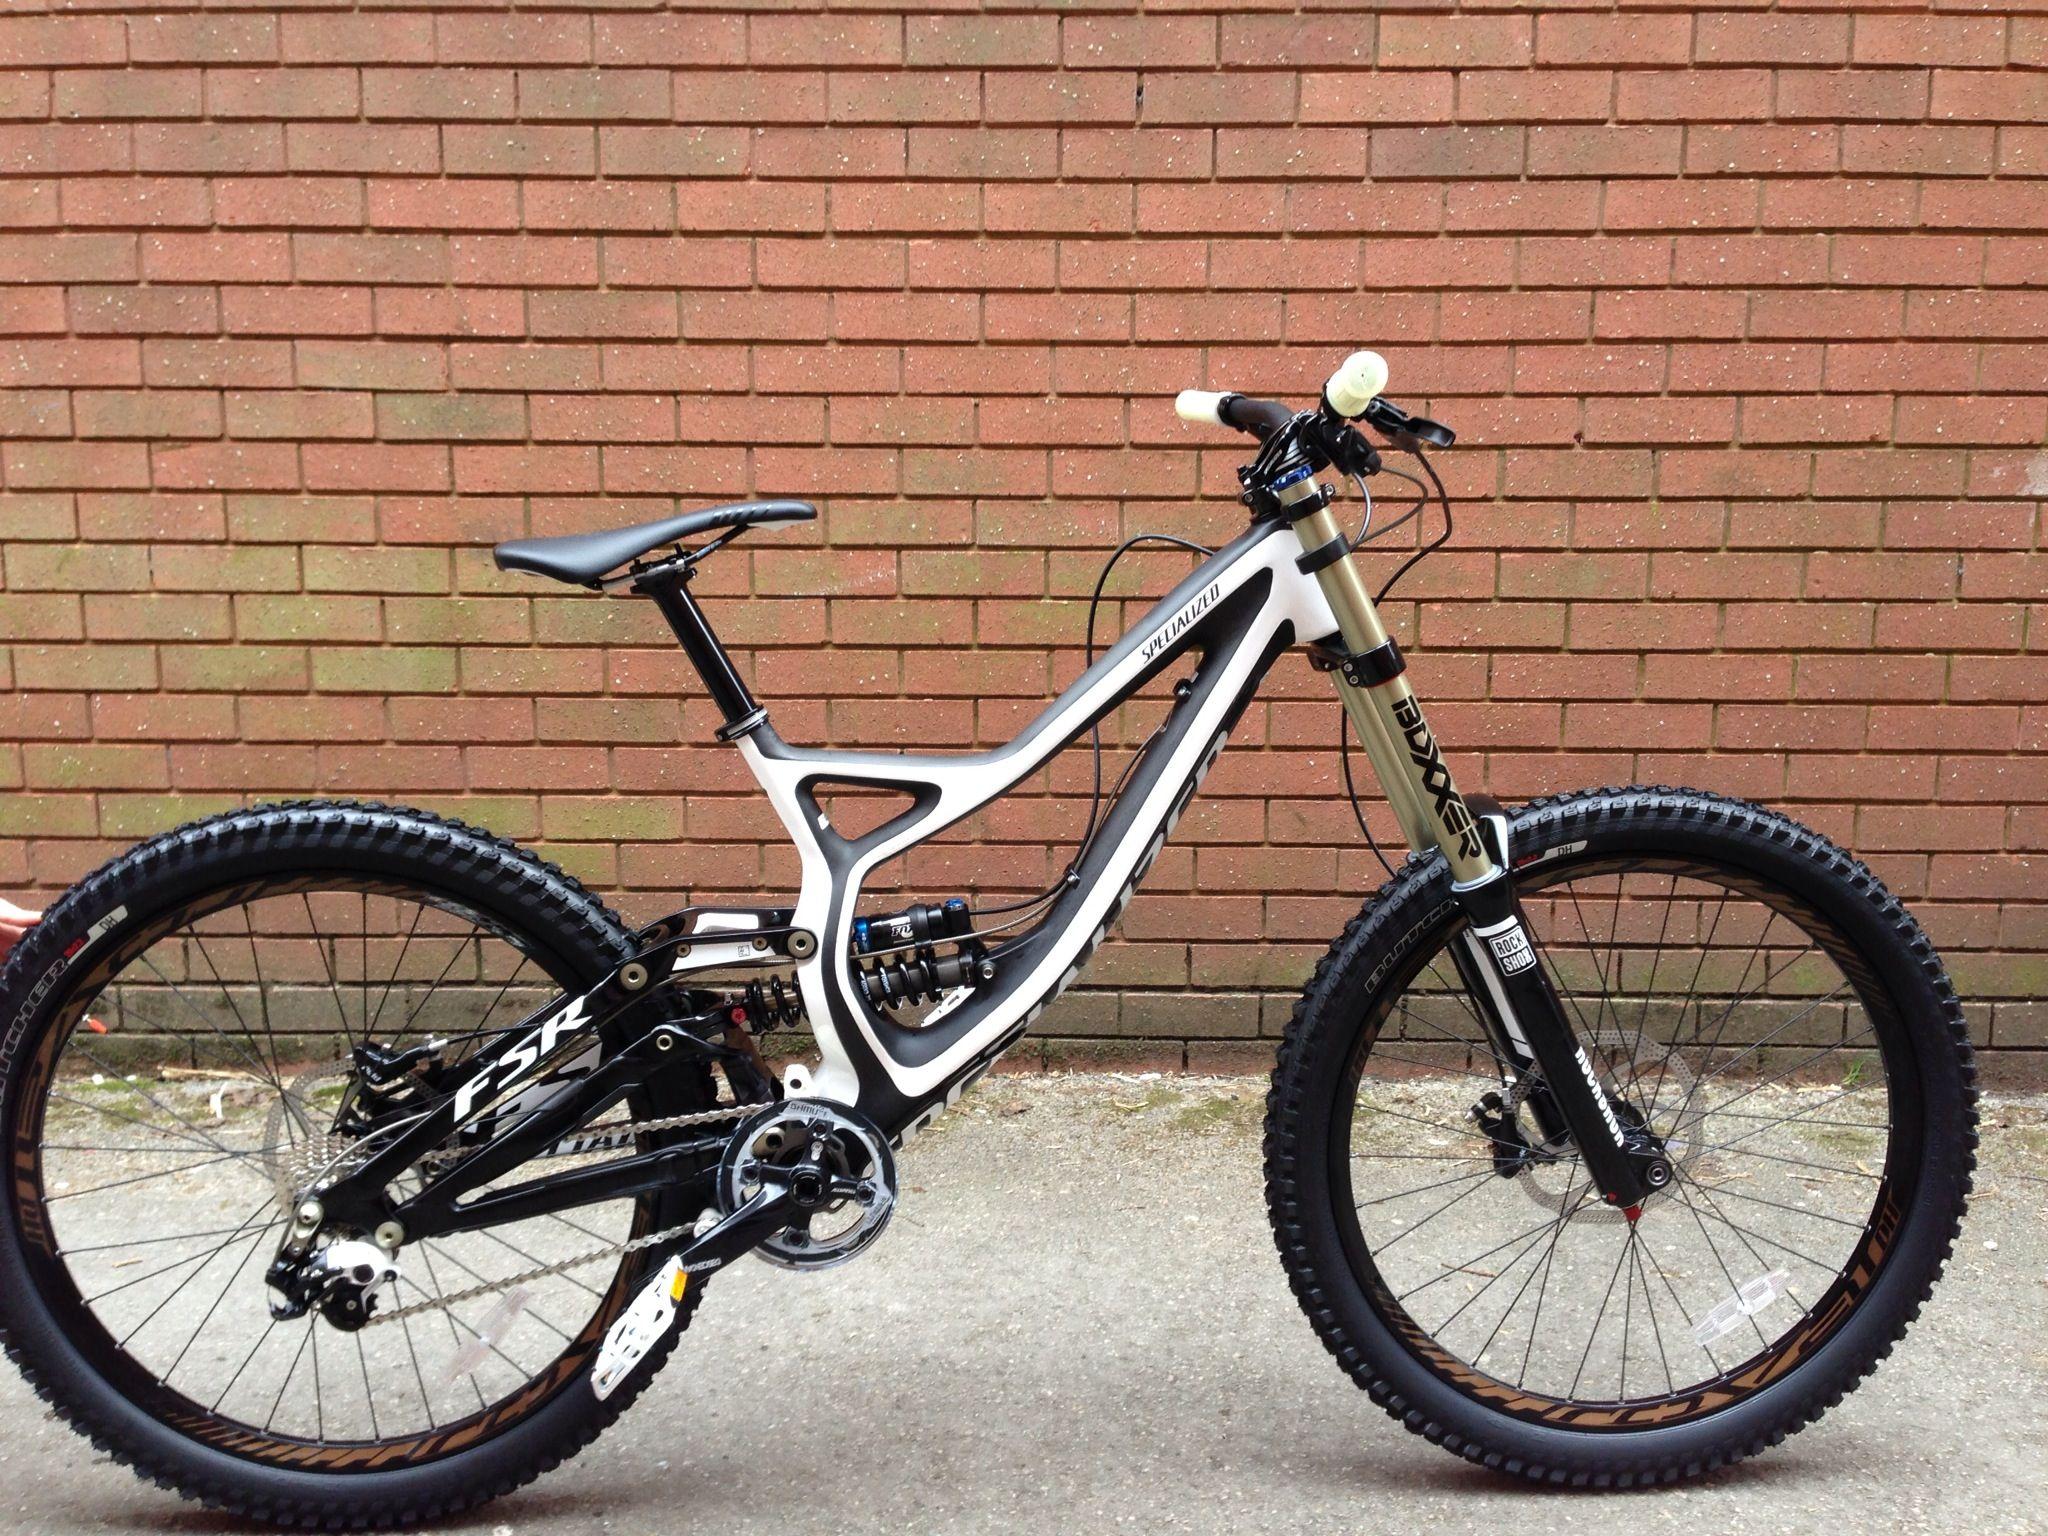 Matts Specialized Demo, one very nice bike.